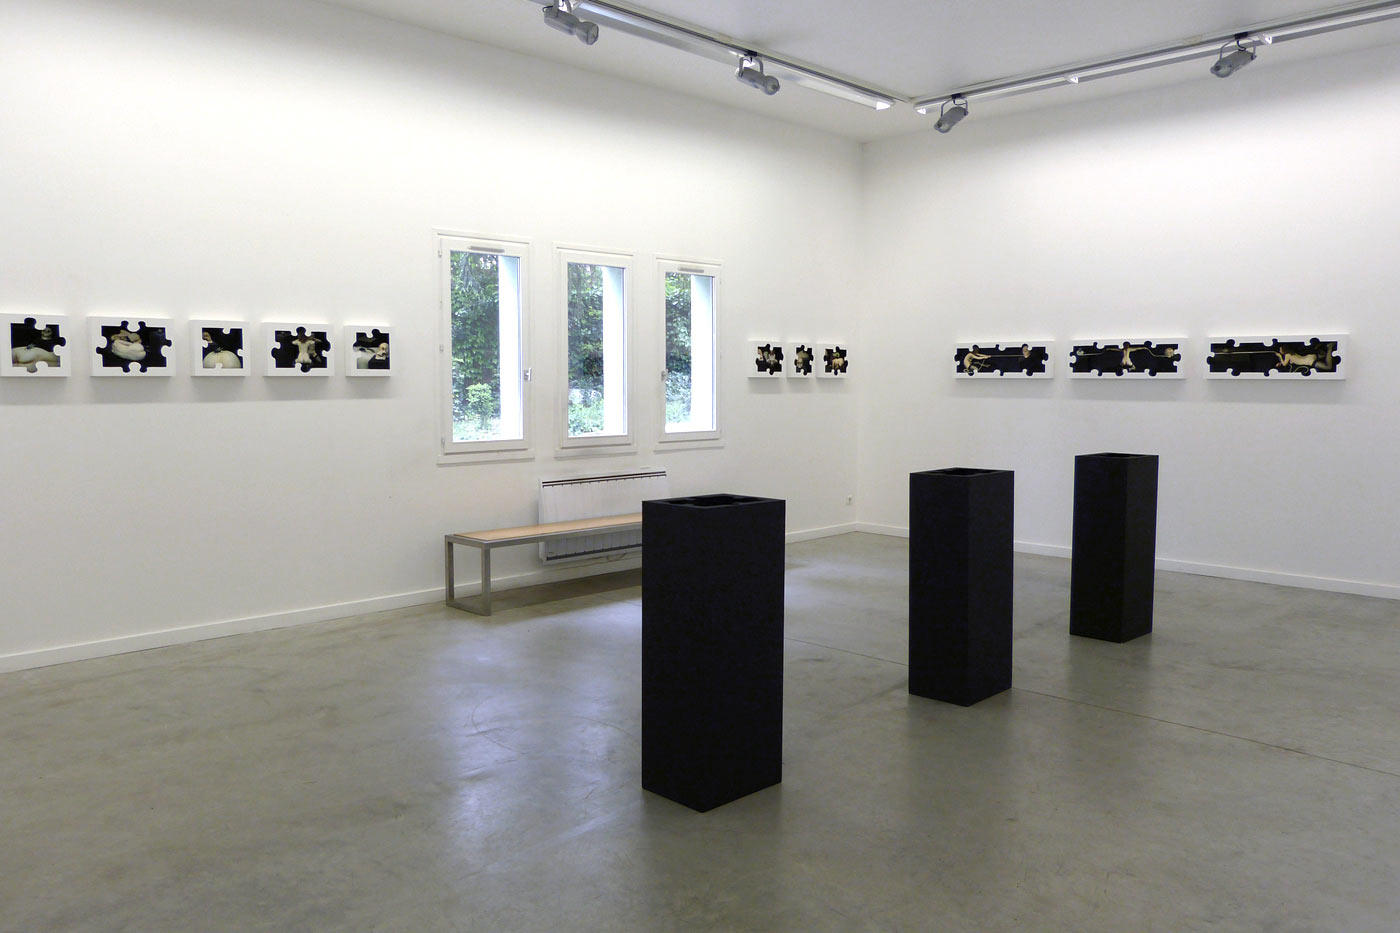 Gerard Mathie, La pièce manquante, Galerie le 116art, 2014